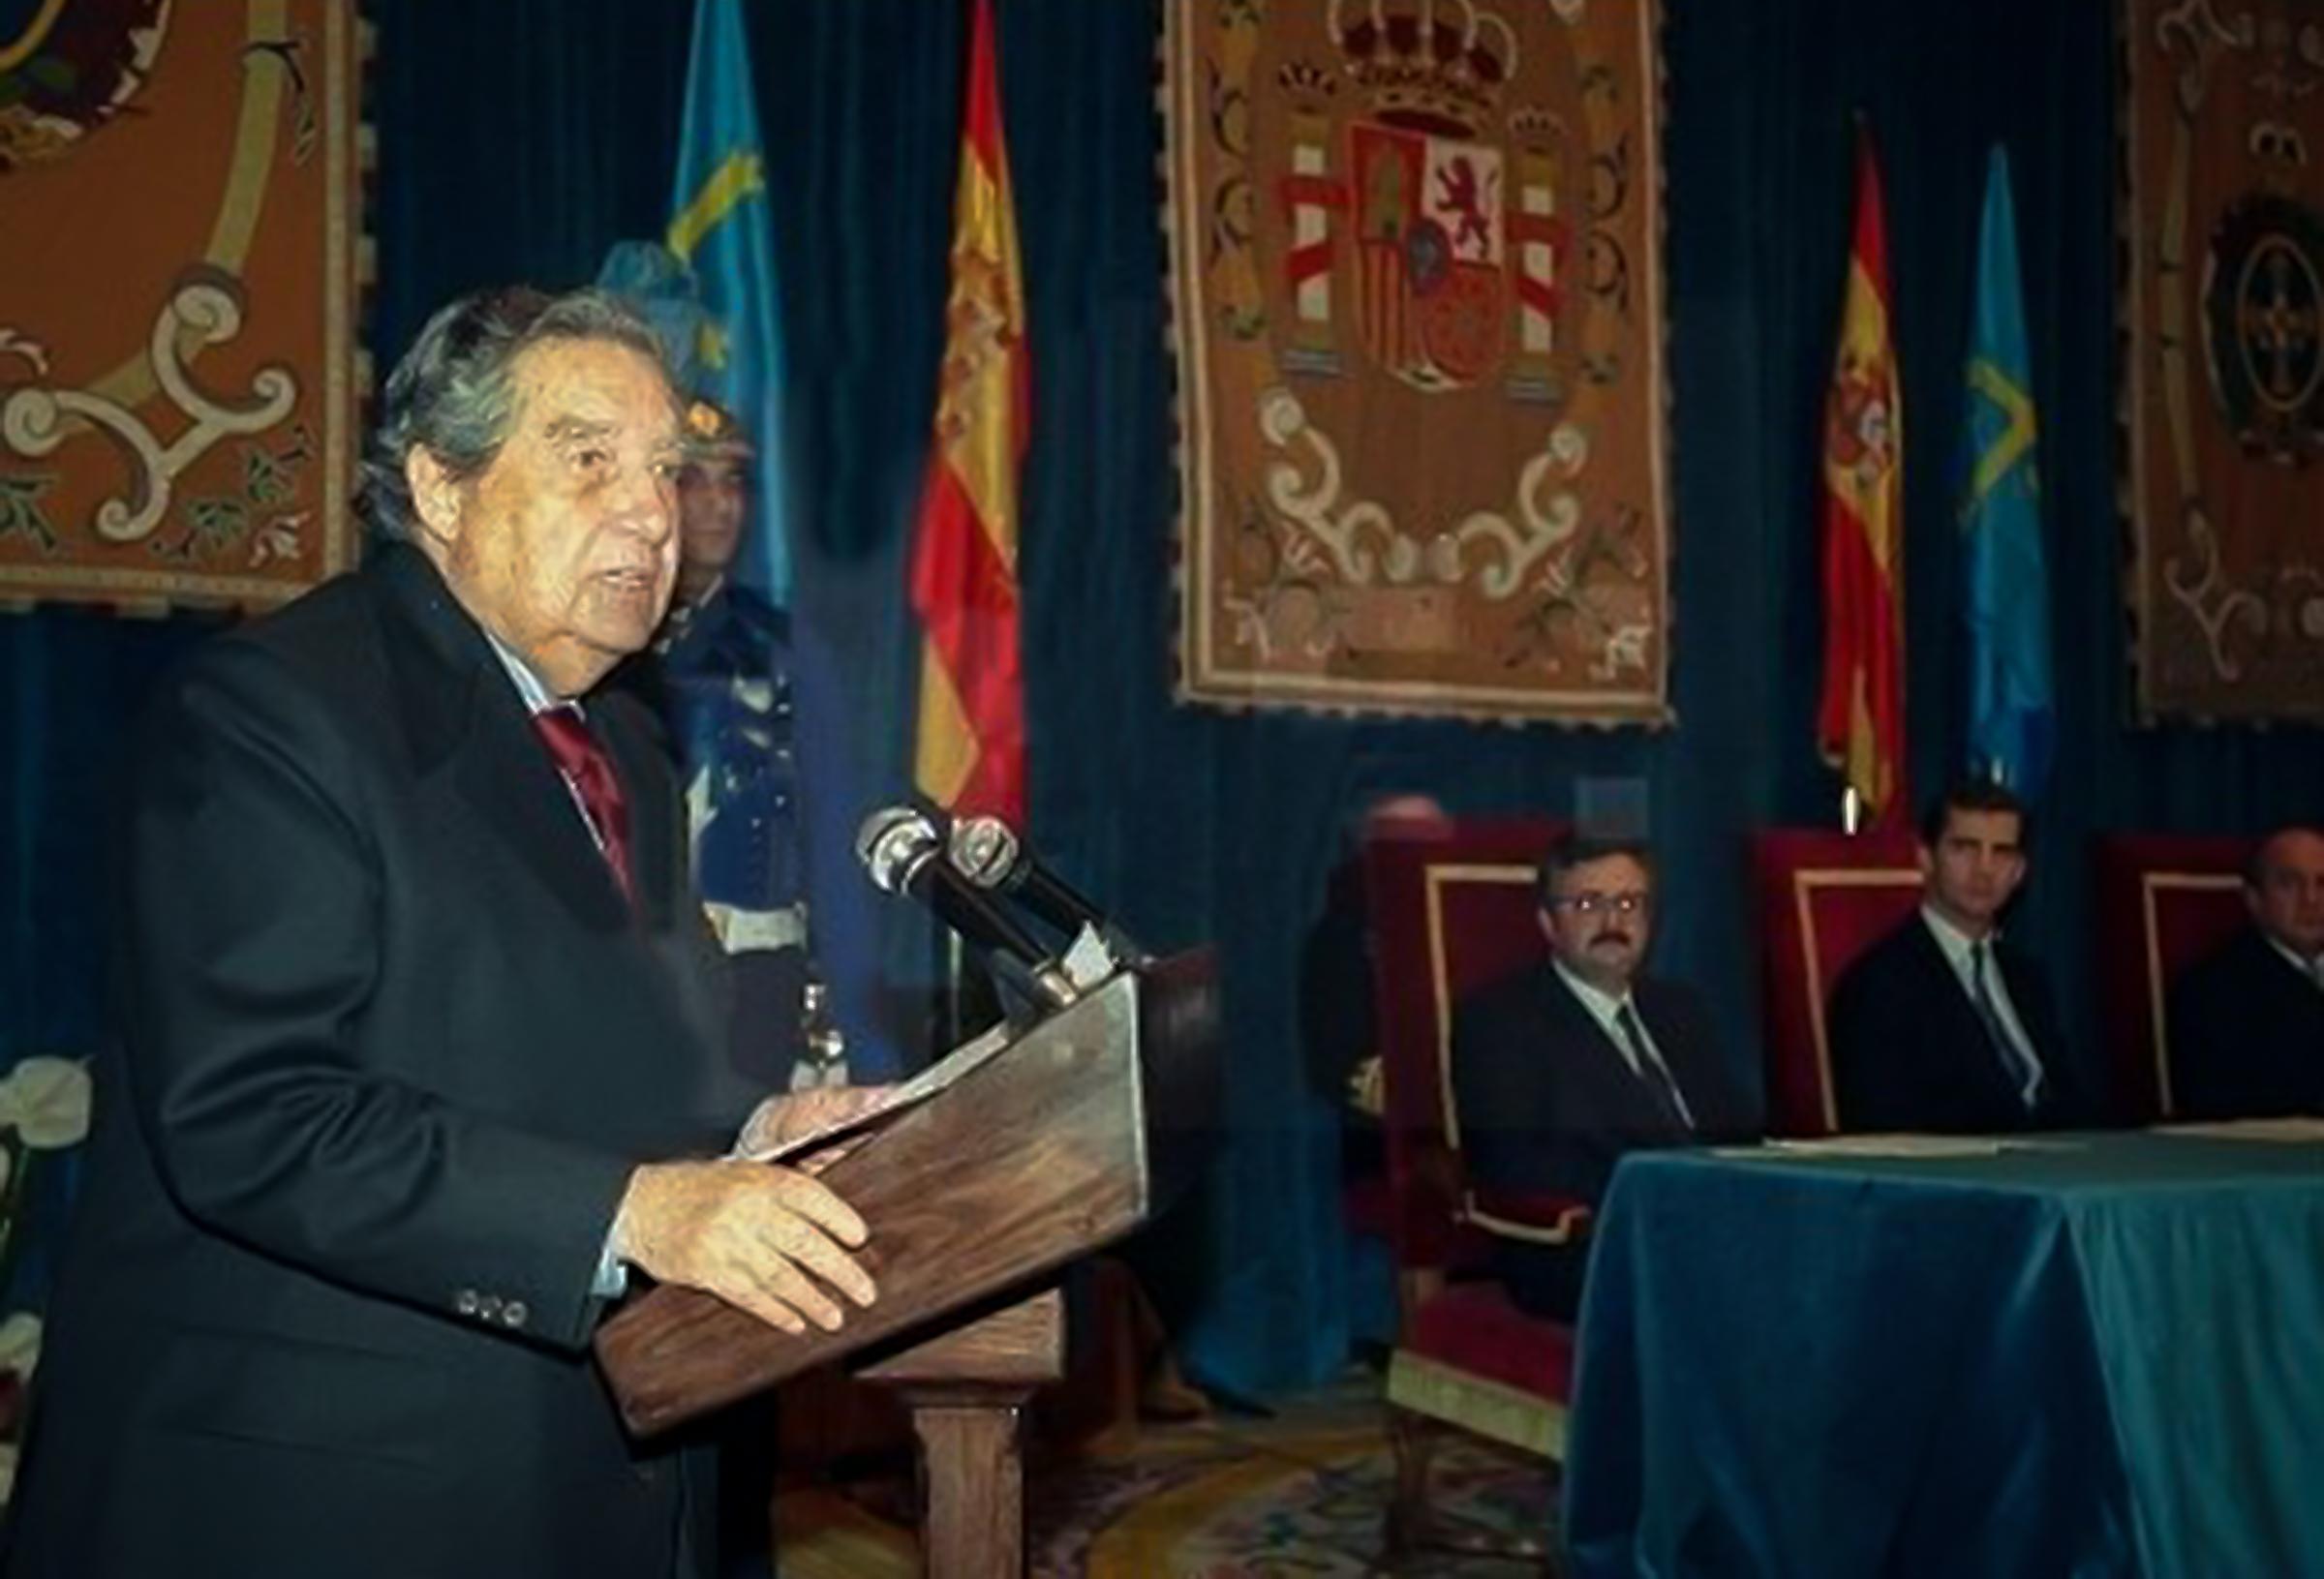 Premio Príncipe de Asturias de Comunicación y Humanidades 1993